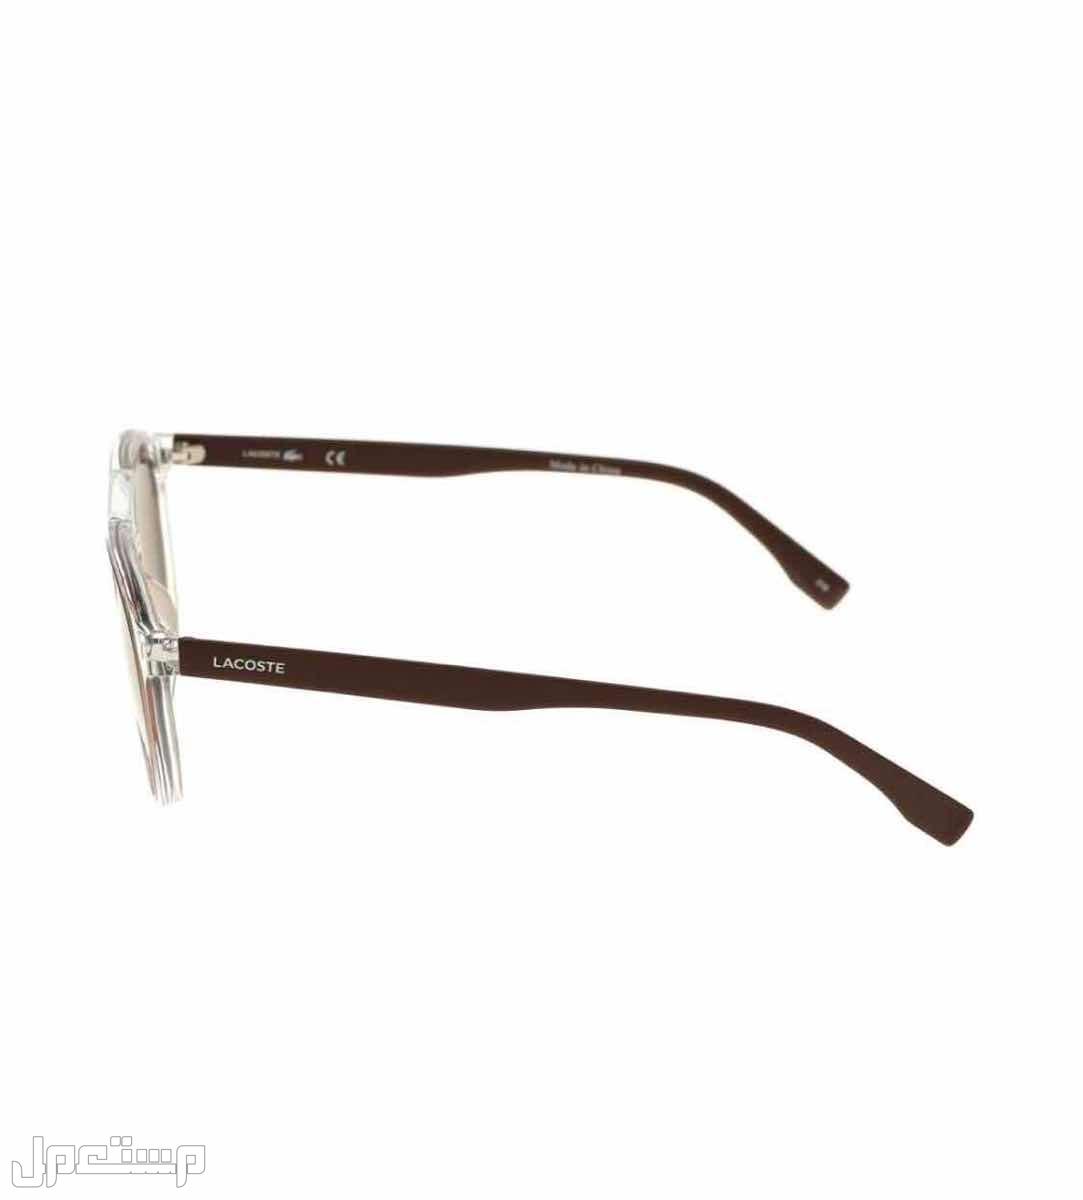 نظارة لاكوست جديده لم تستعمل وبسعر منافس🚨